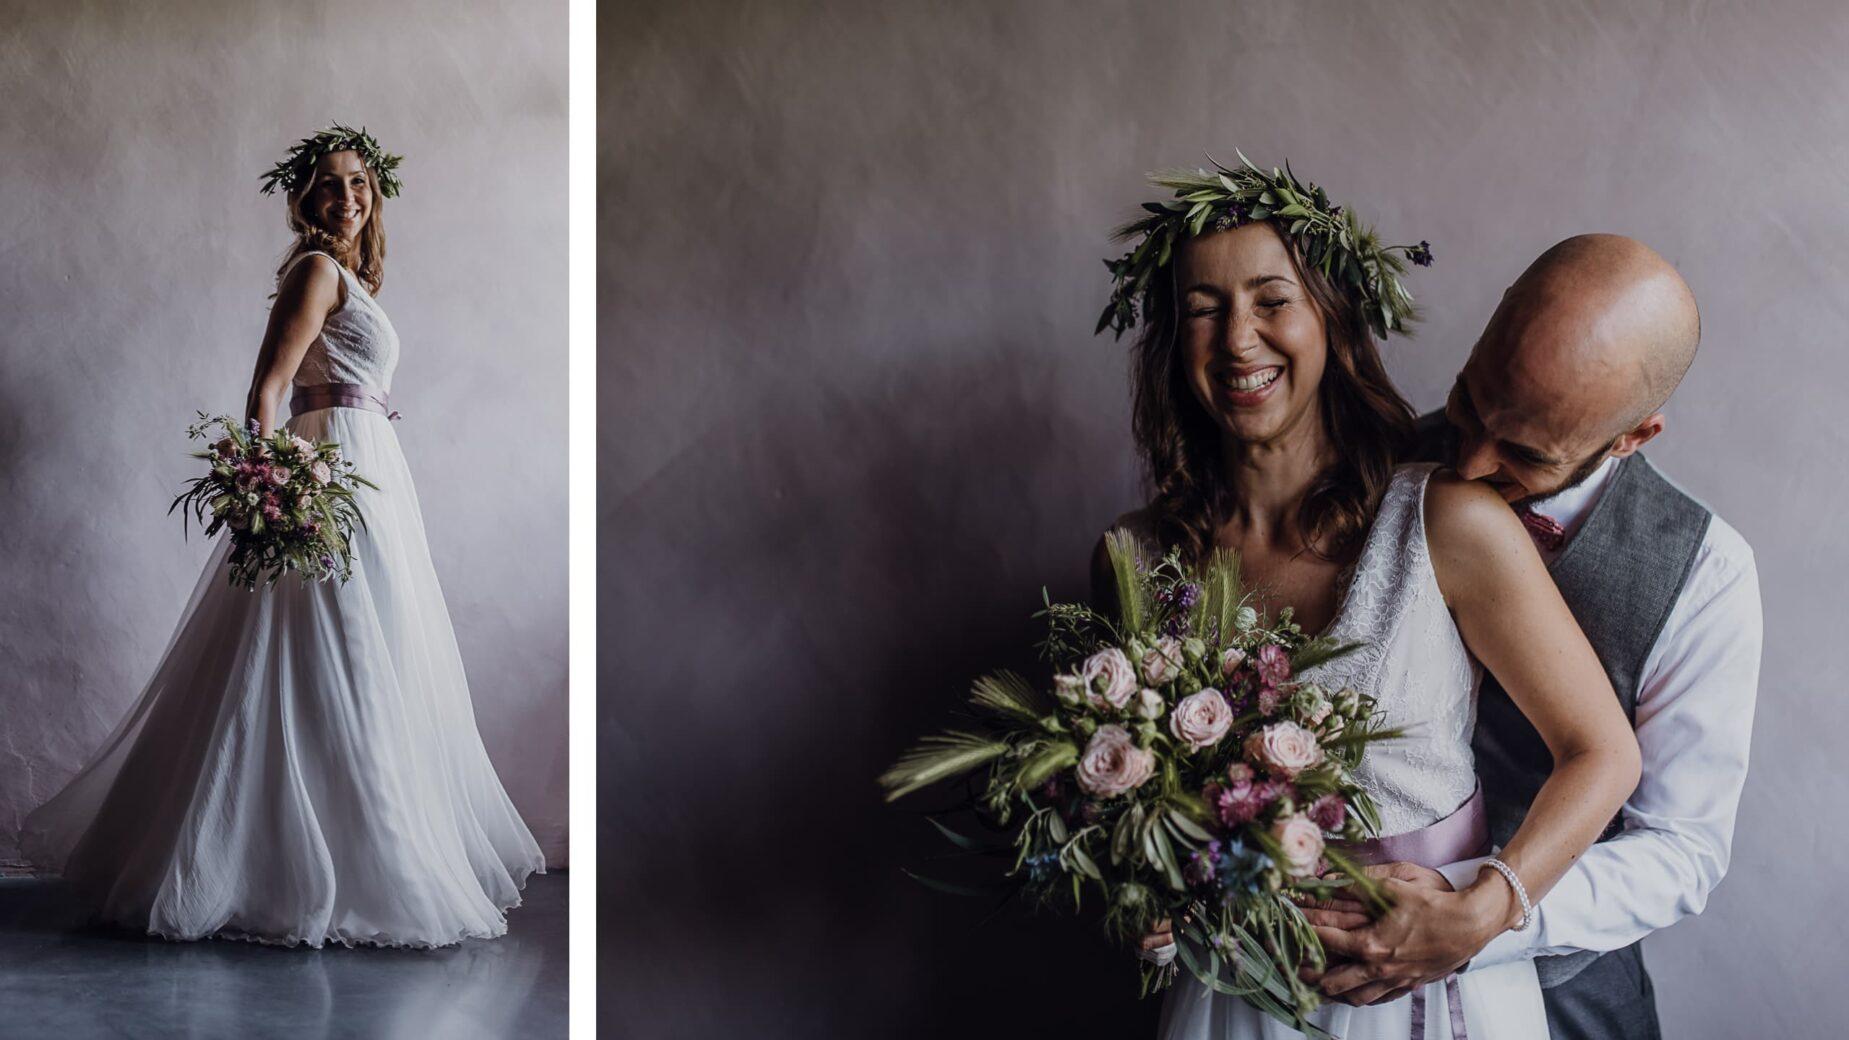 Hochzeitsfotos auf dem Land: Brautpaar auf einem Landsitz im Frühling, professionelle Hochzeitsfotos im Großraum München